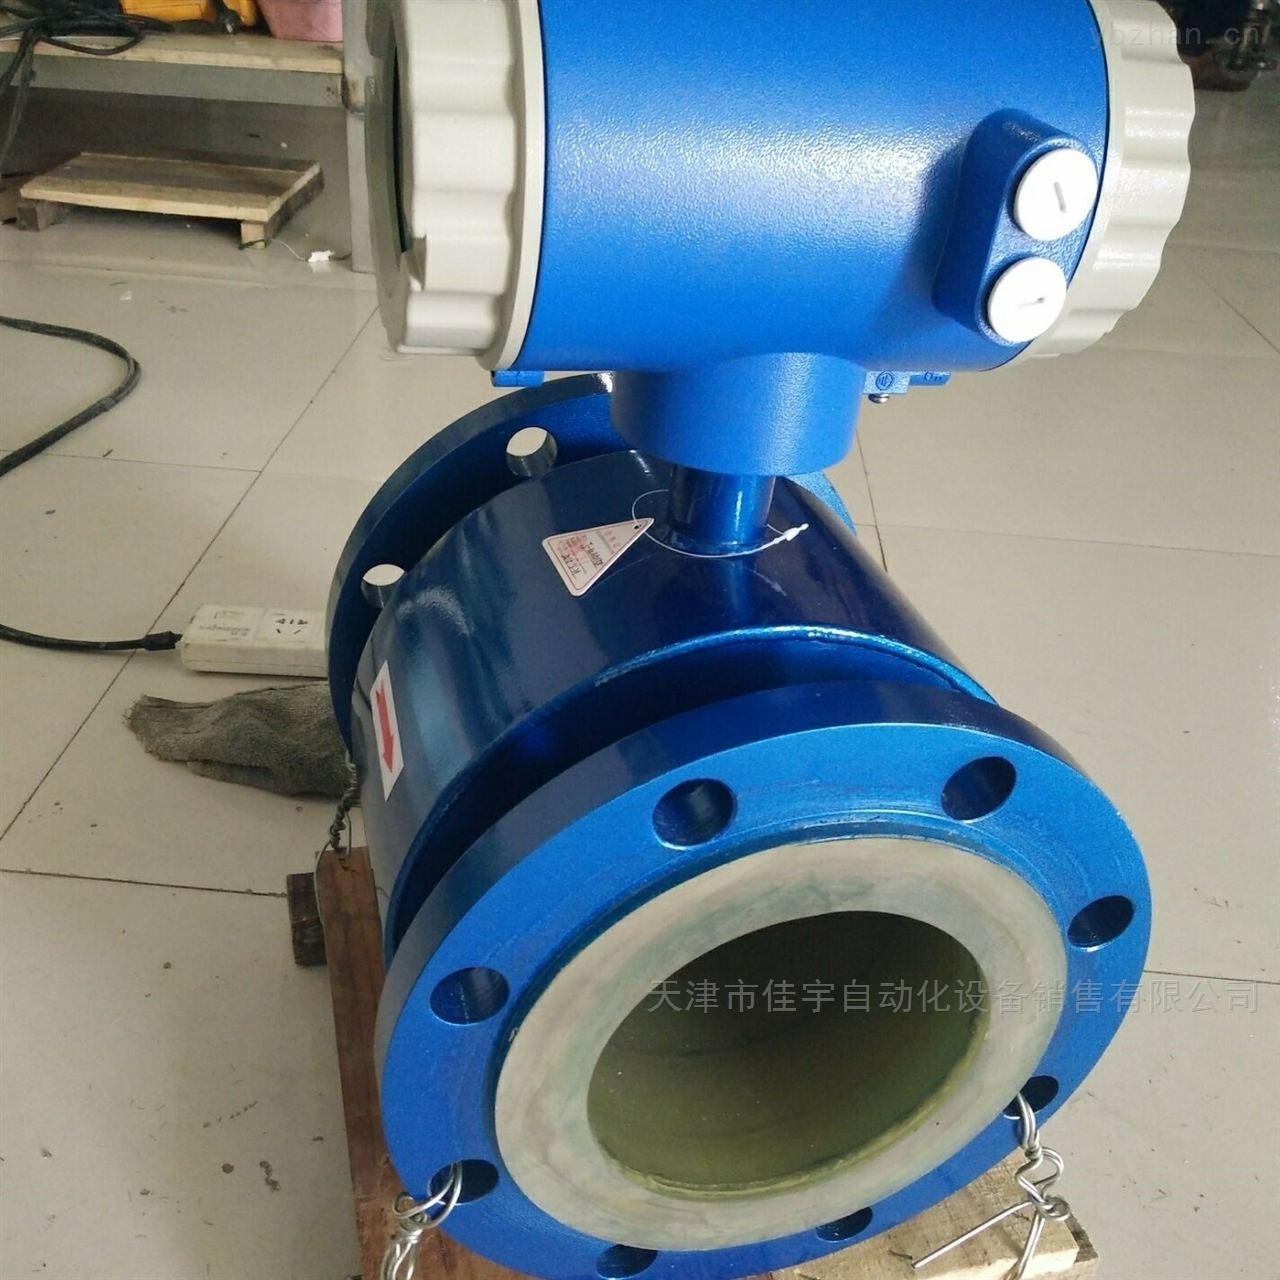 大口径灵敏电磁流量计J-MAG型原理和应用